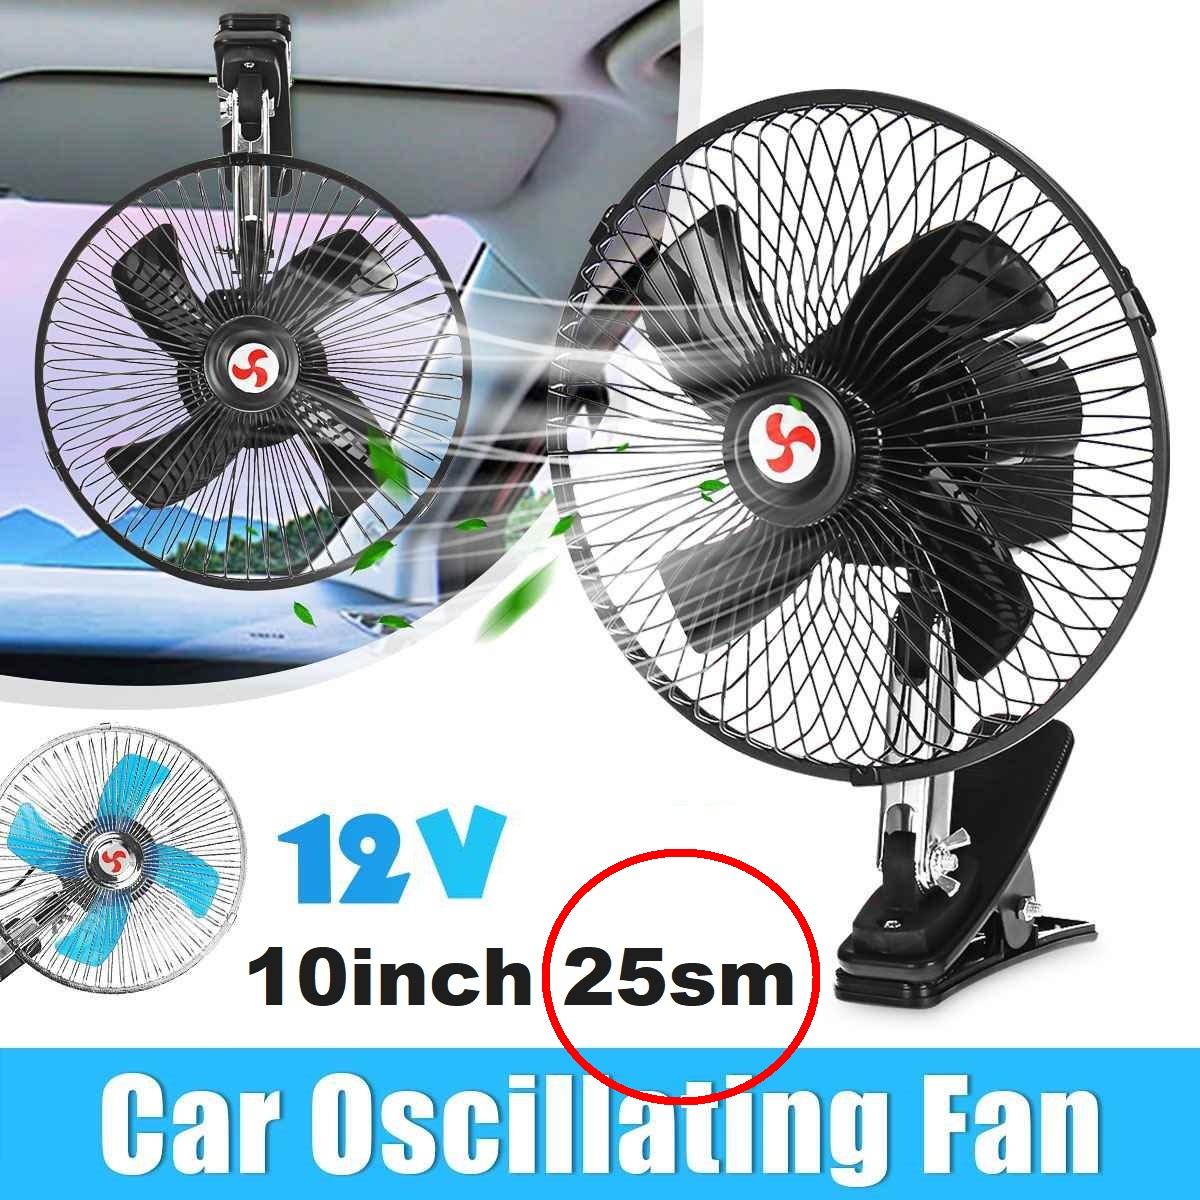 12V авто вентилатор на щипка,  25 см и букса за запалката